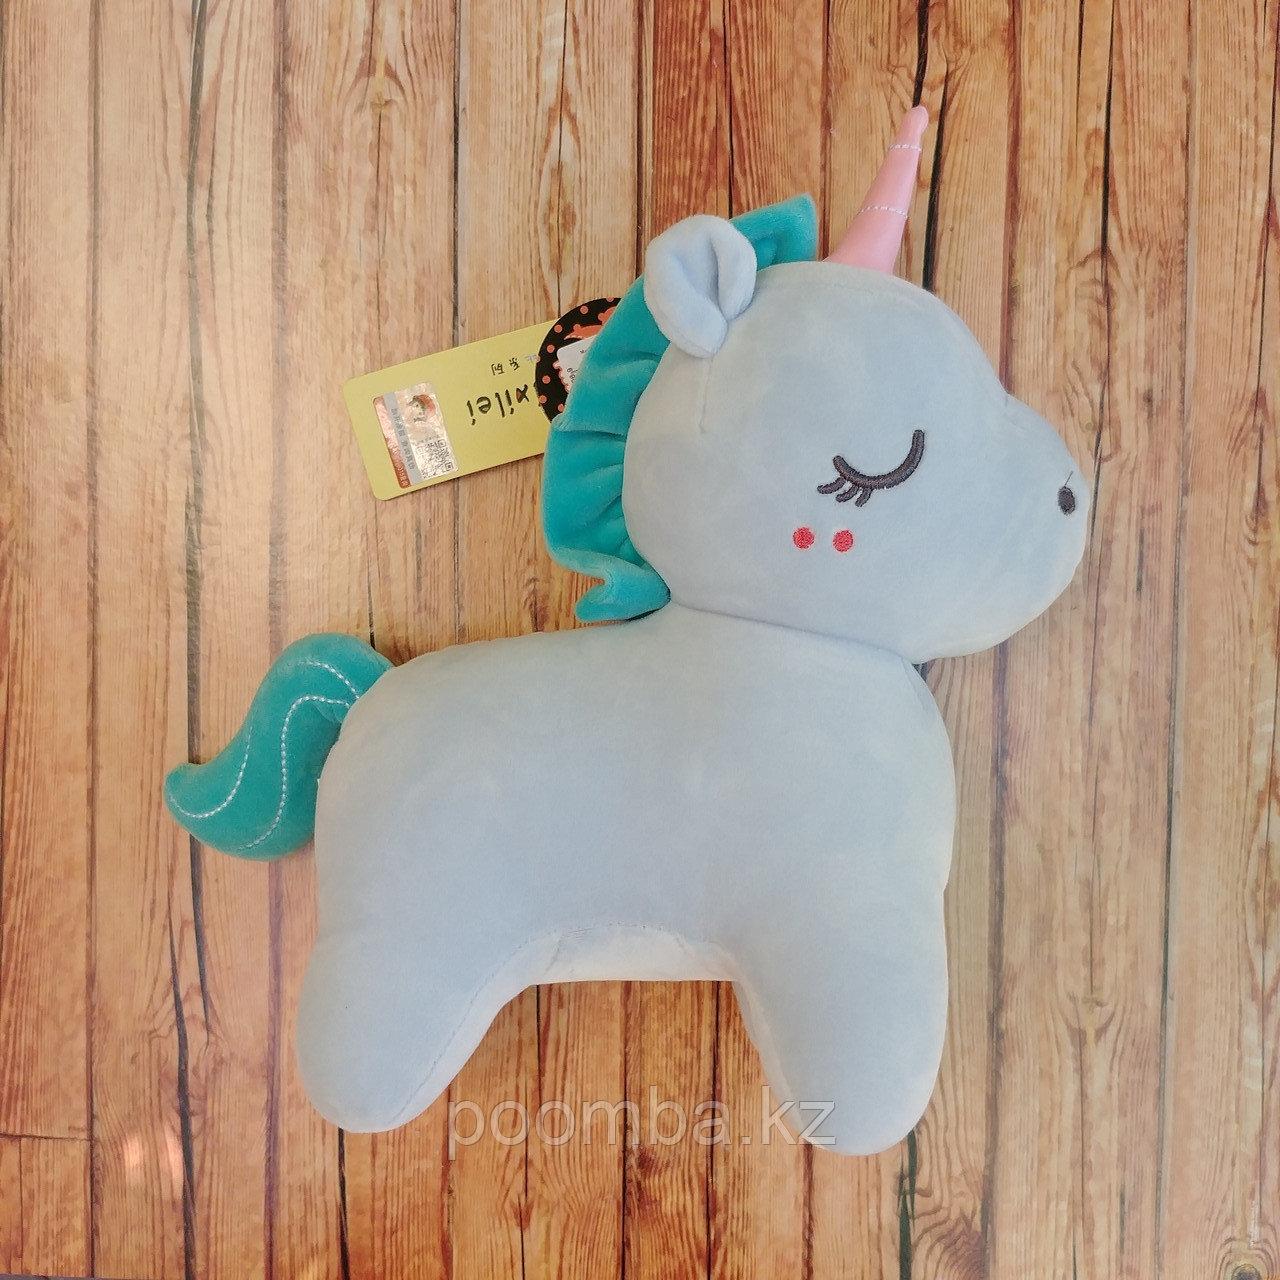 Мягкая игрушка Единорог - голубой